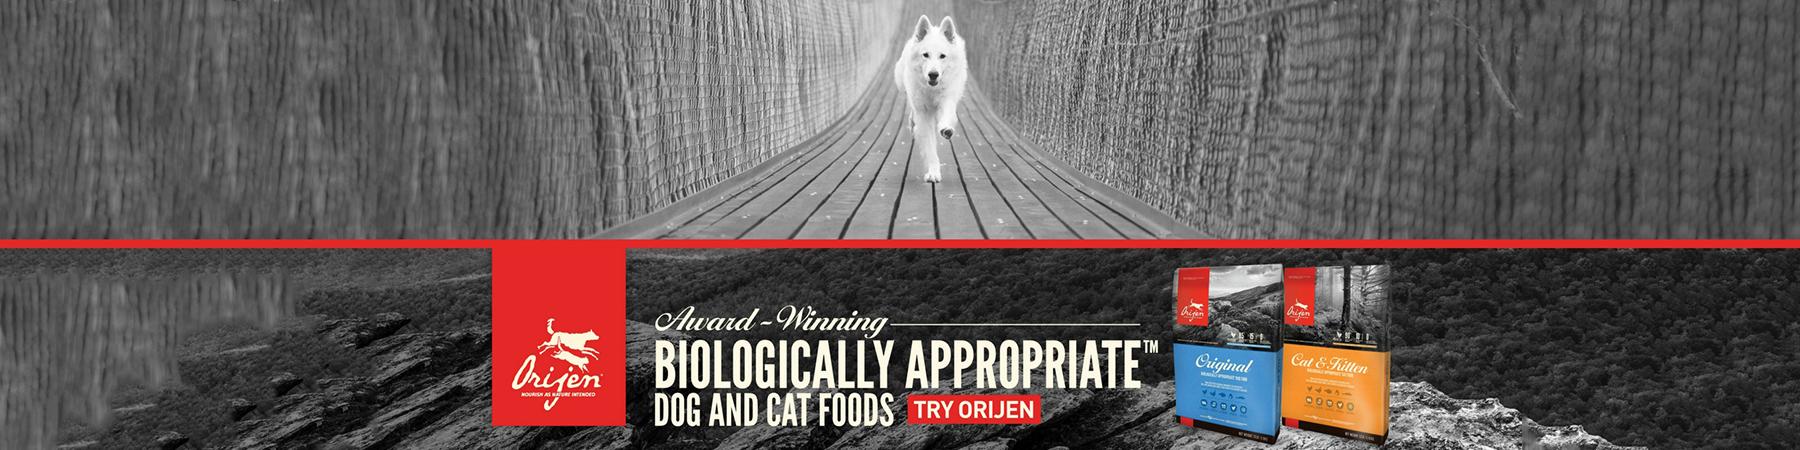 Orijen Banner